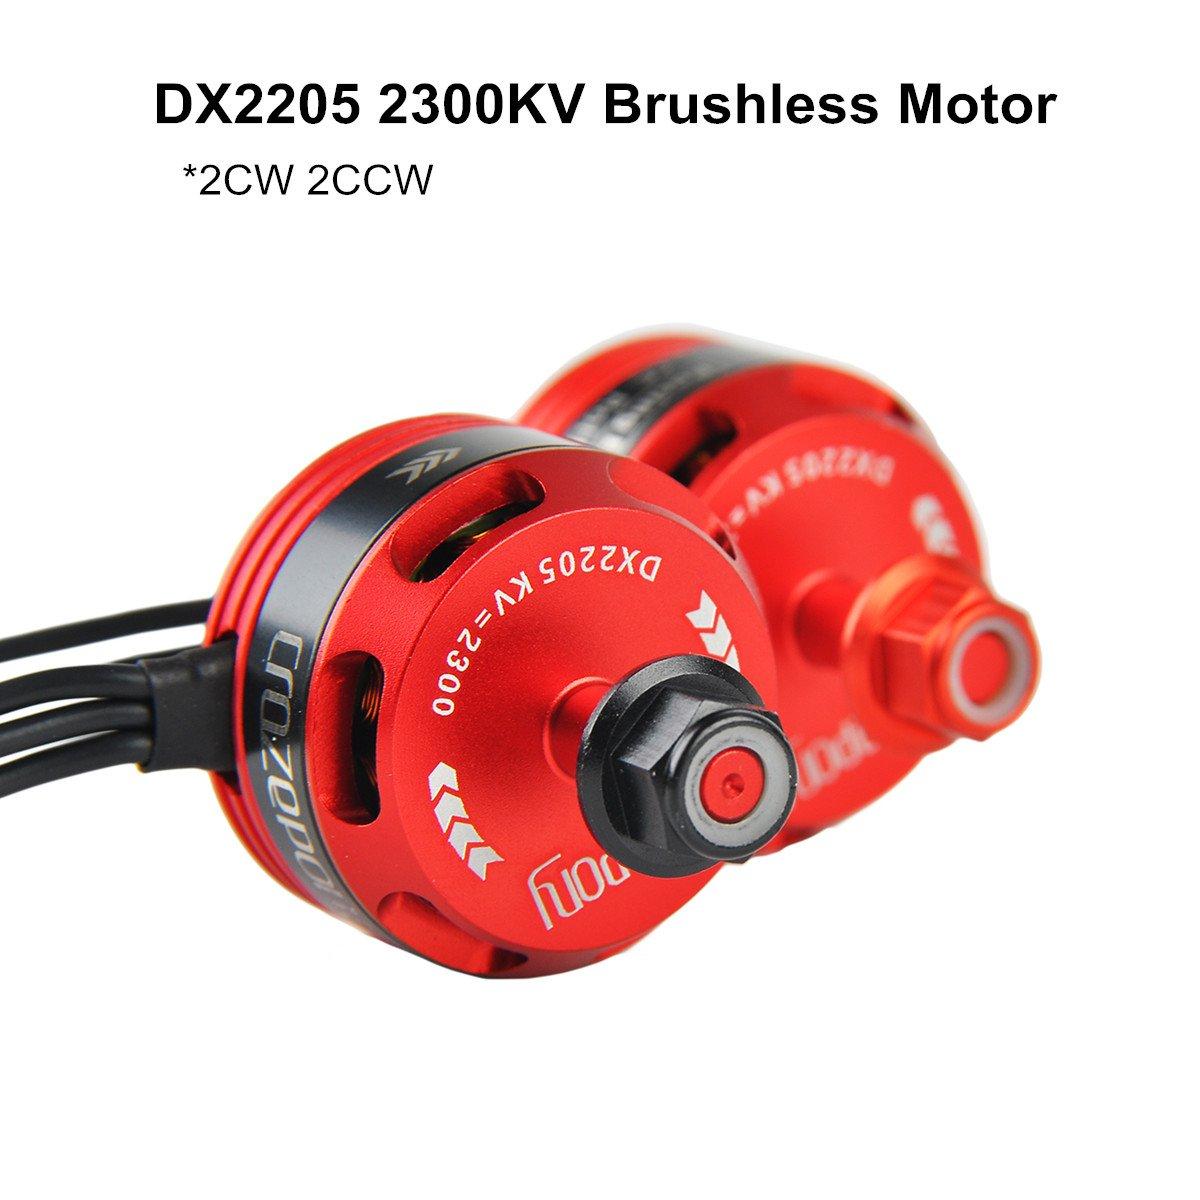 DroneAcc 4pcs DX 2205 2300KV Brushless Motor FPV 2CW 2CCW 2-4S Lipo Racing Edition Purple for QAV210 X220 QAV250 FPV Racing Drone